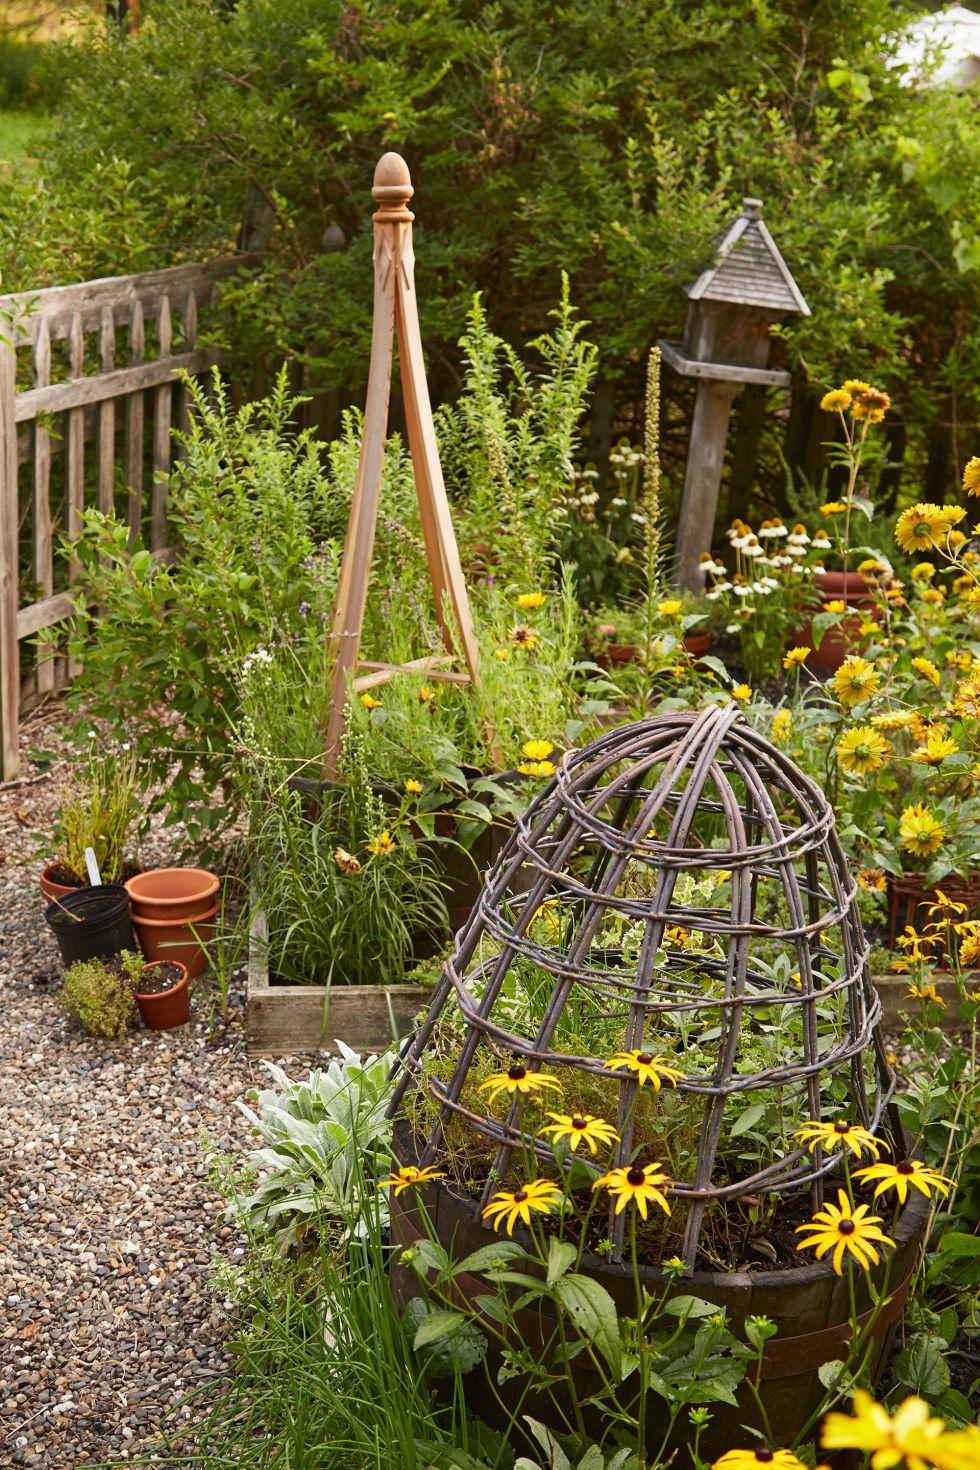 Spring Garden Ideas 25 best bird baths ideas on pinterest 30 Spring Garden Ideas Pictures Of Beautiful Spring Gardens